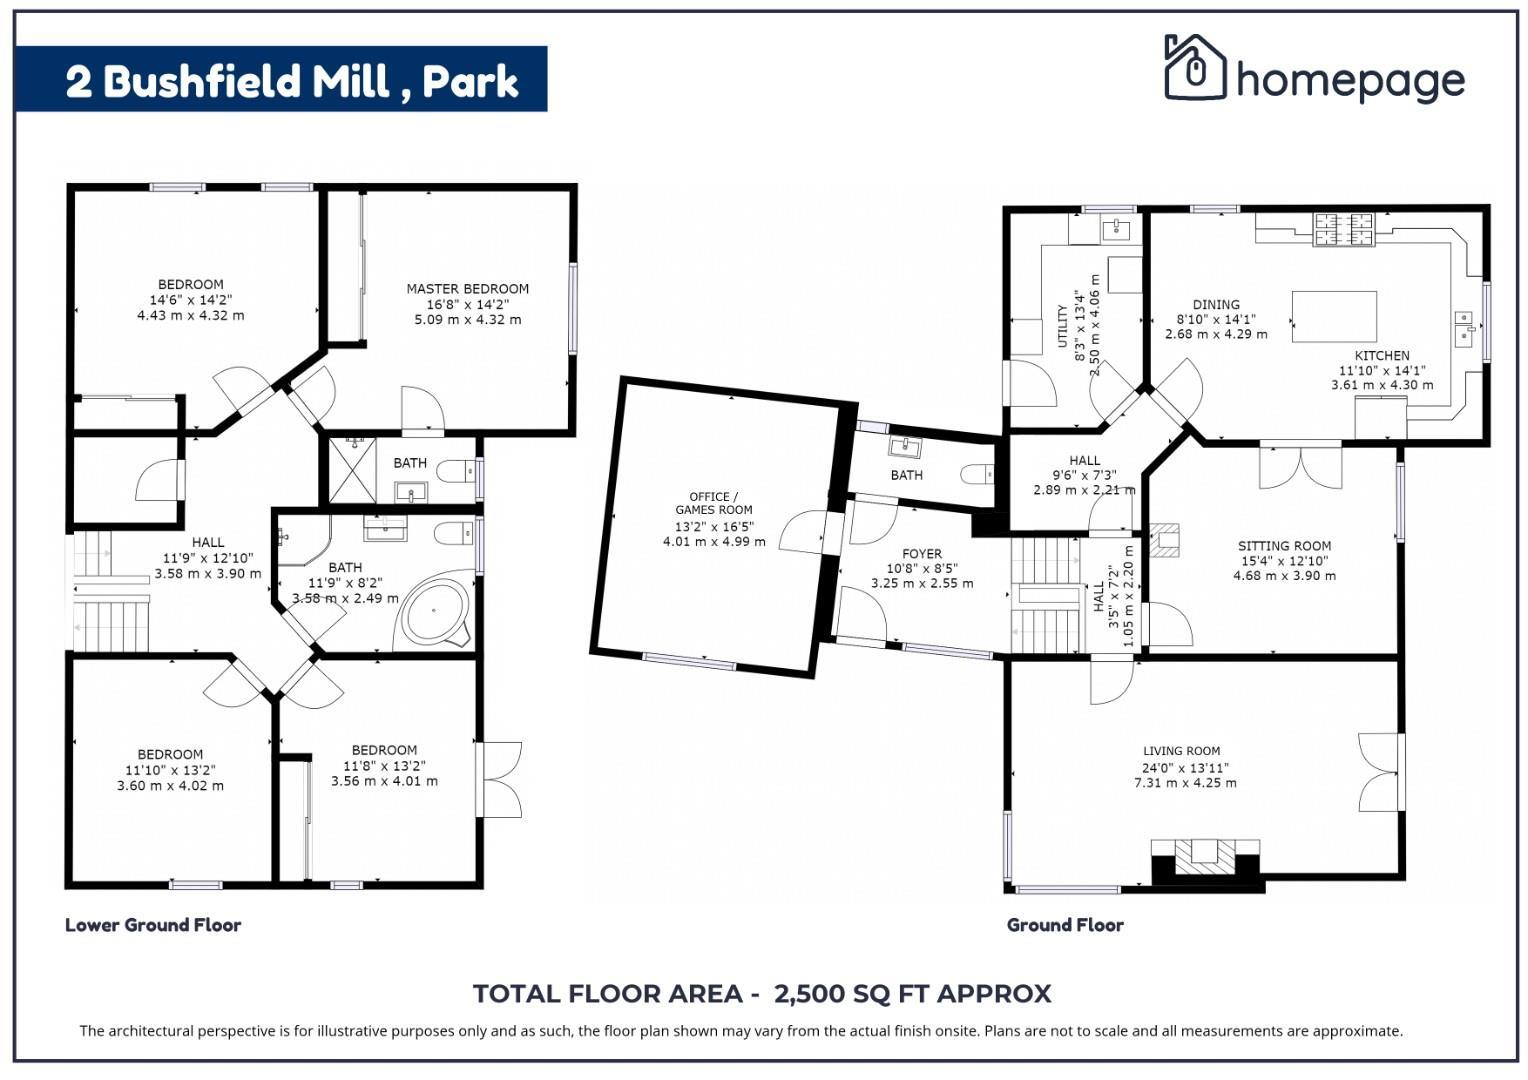 2 Bushfield Mill Park Floor Plan.jpg